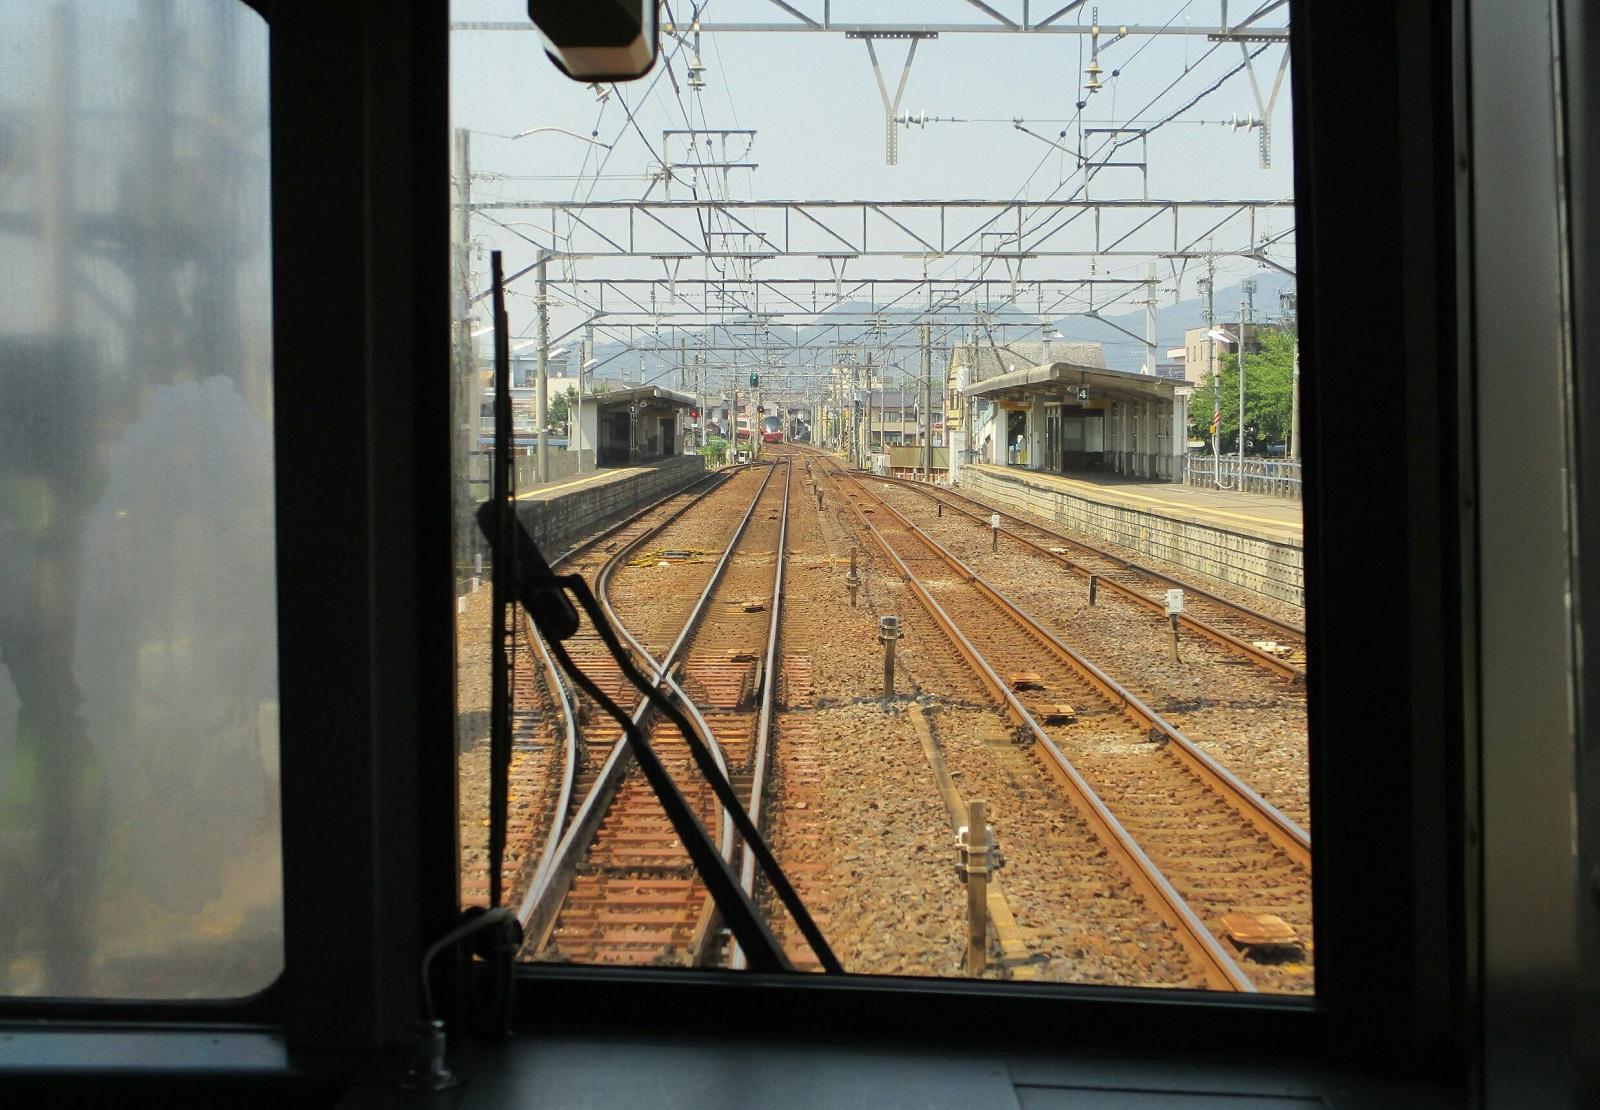 2018.7.18 (139) 岐阜いき特急 - 岐南 1600-1110